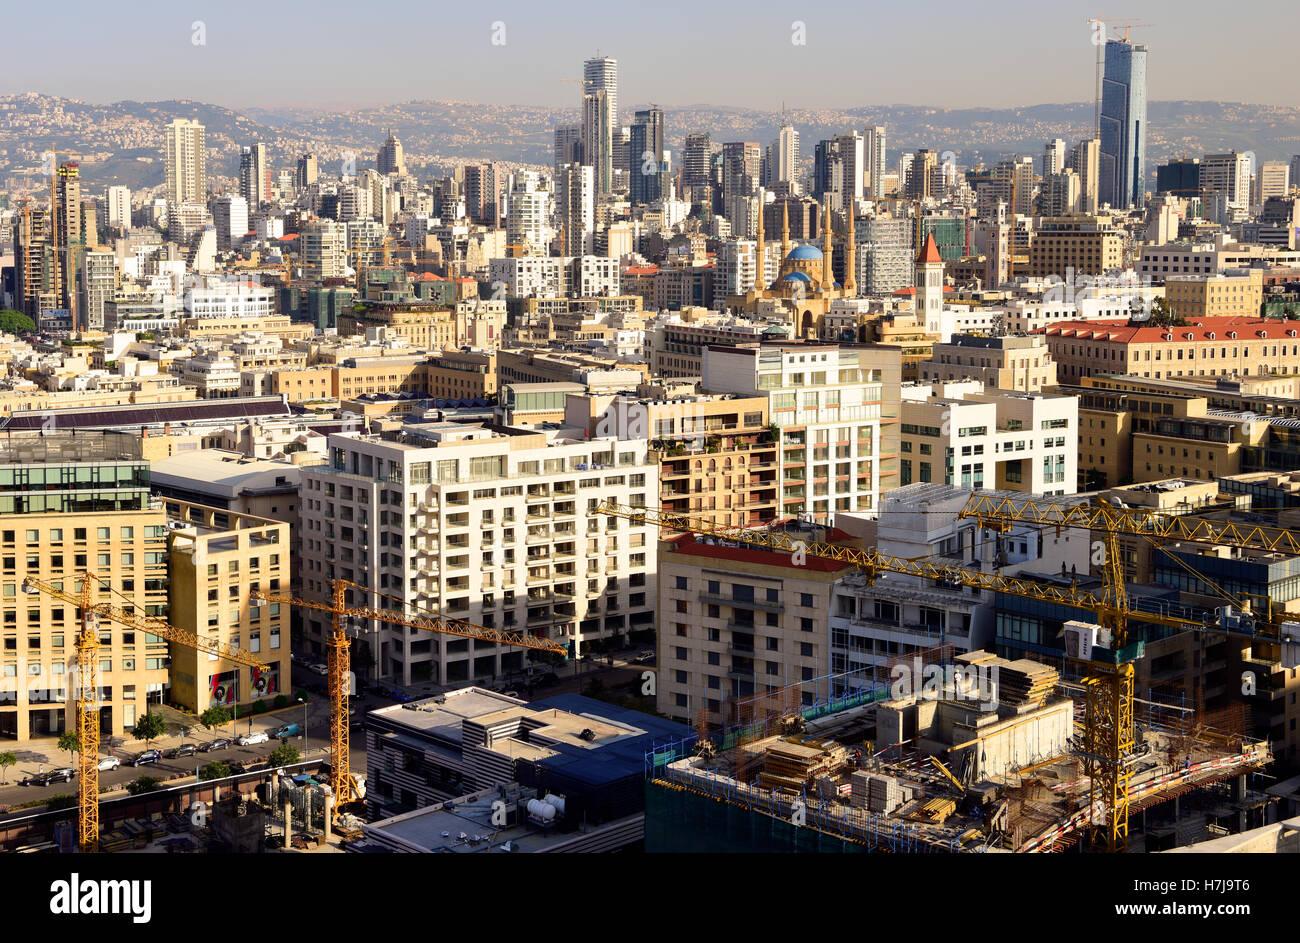 Vue générale sur la capitale Beyrouth, Liban. Photo Stock